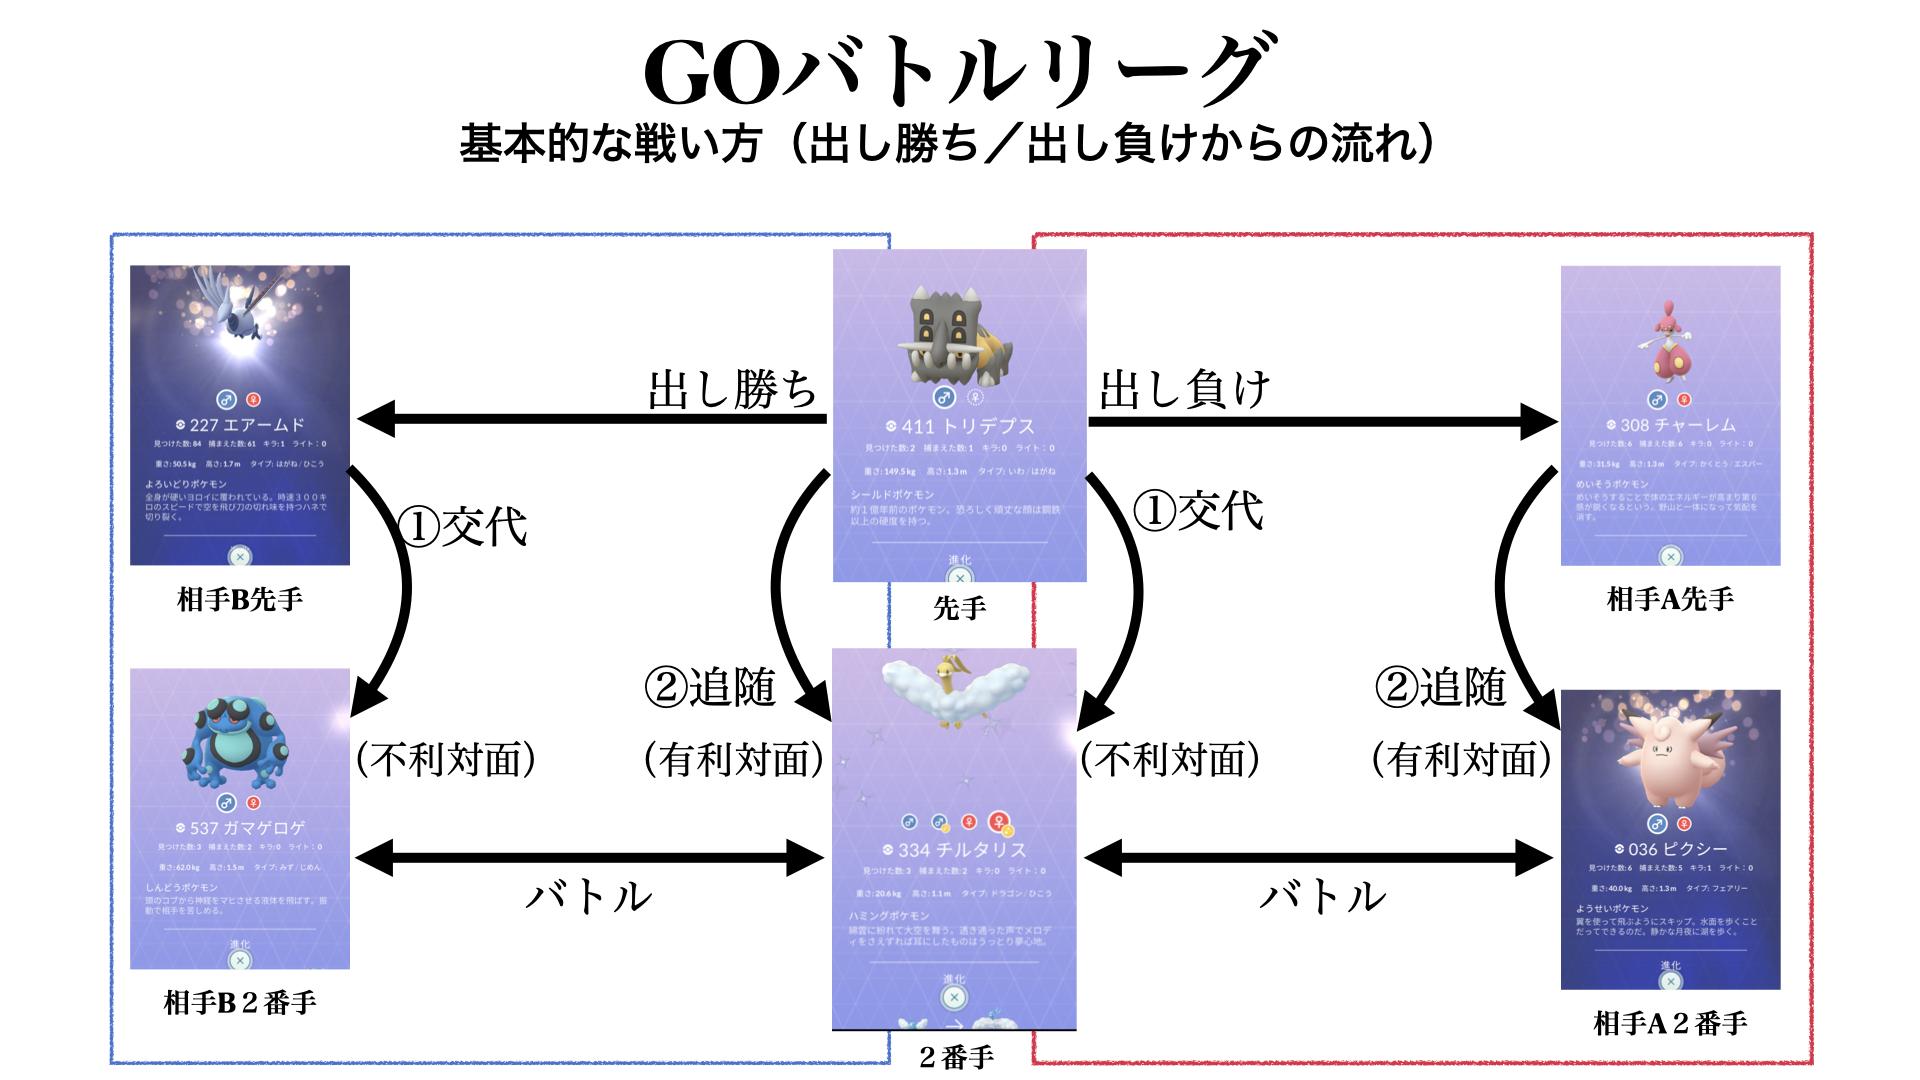 バトル リーグ ポケモン Go おすすめ